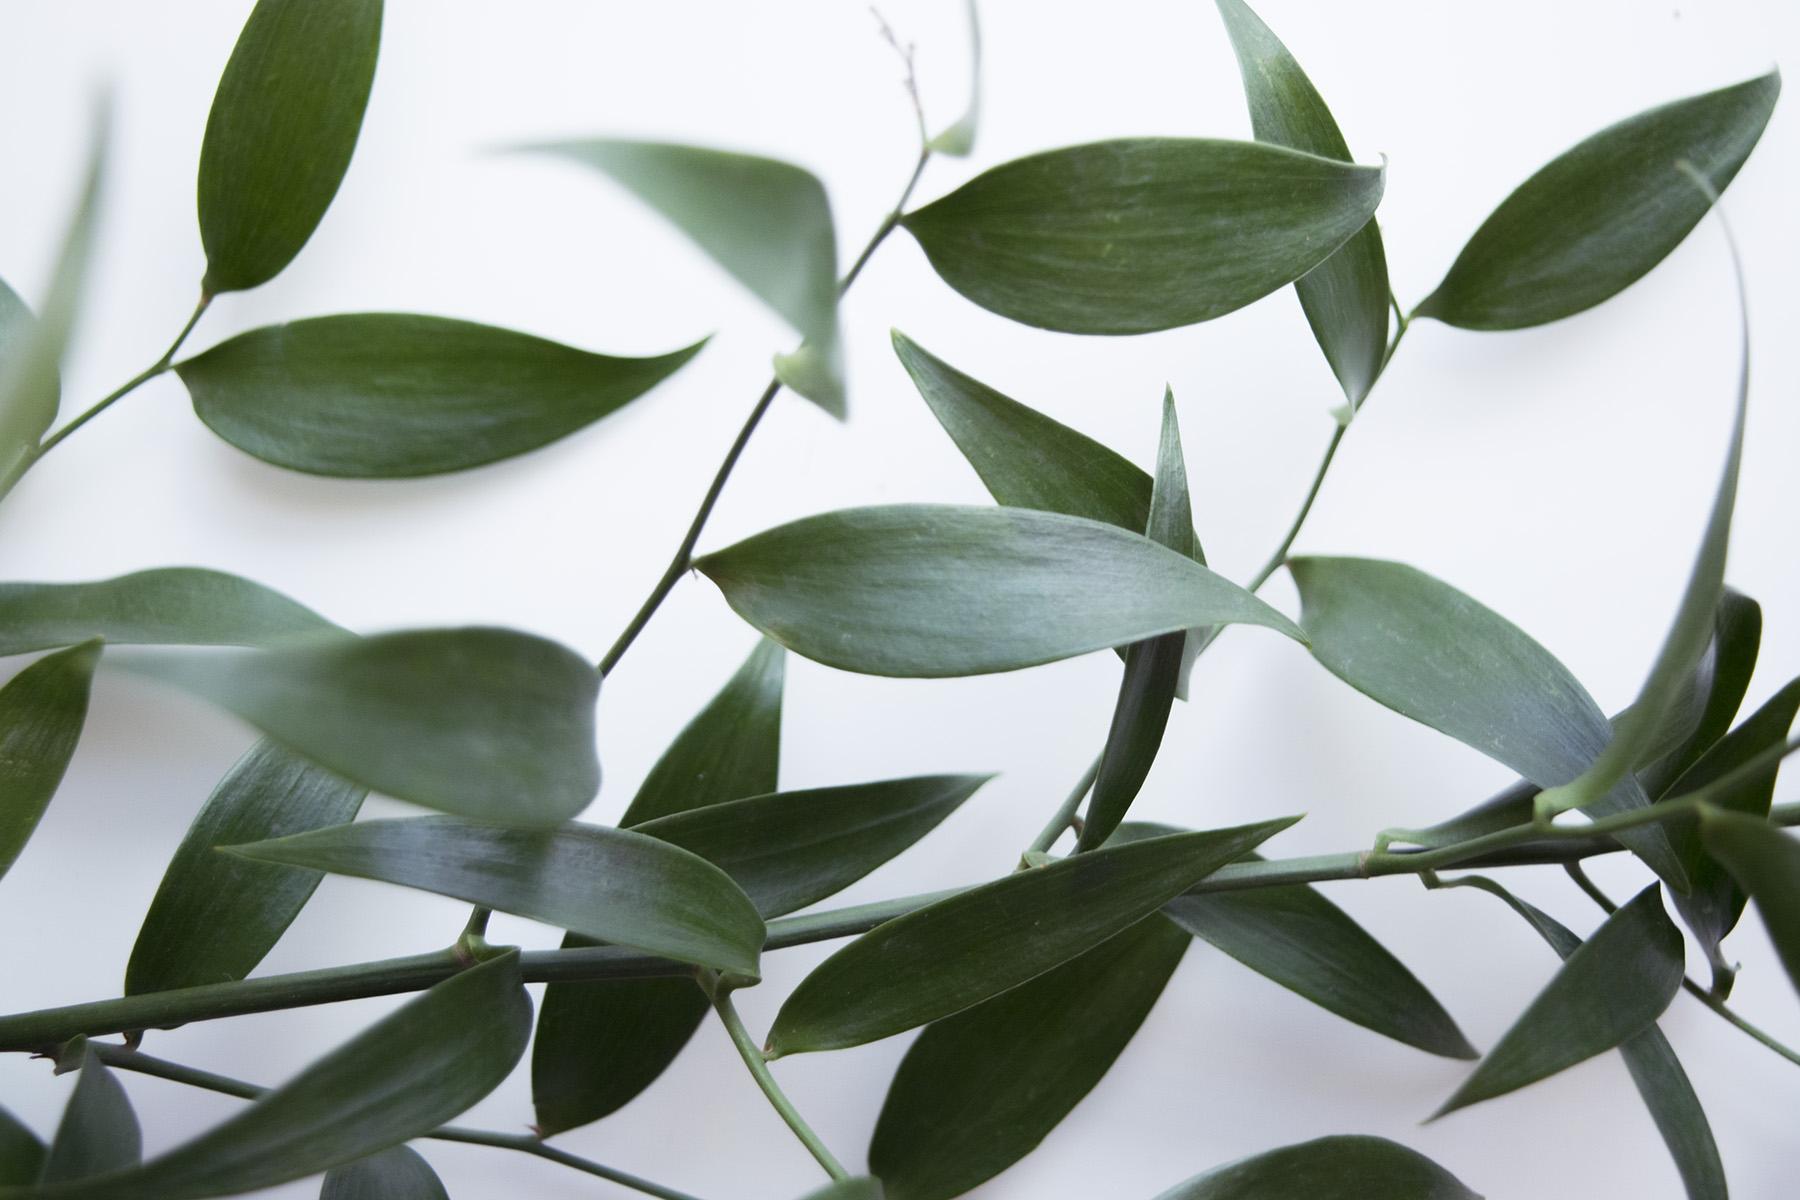 Plant01.1